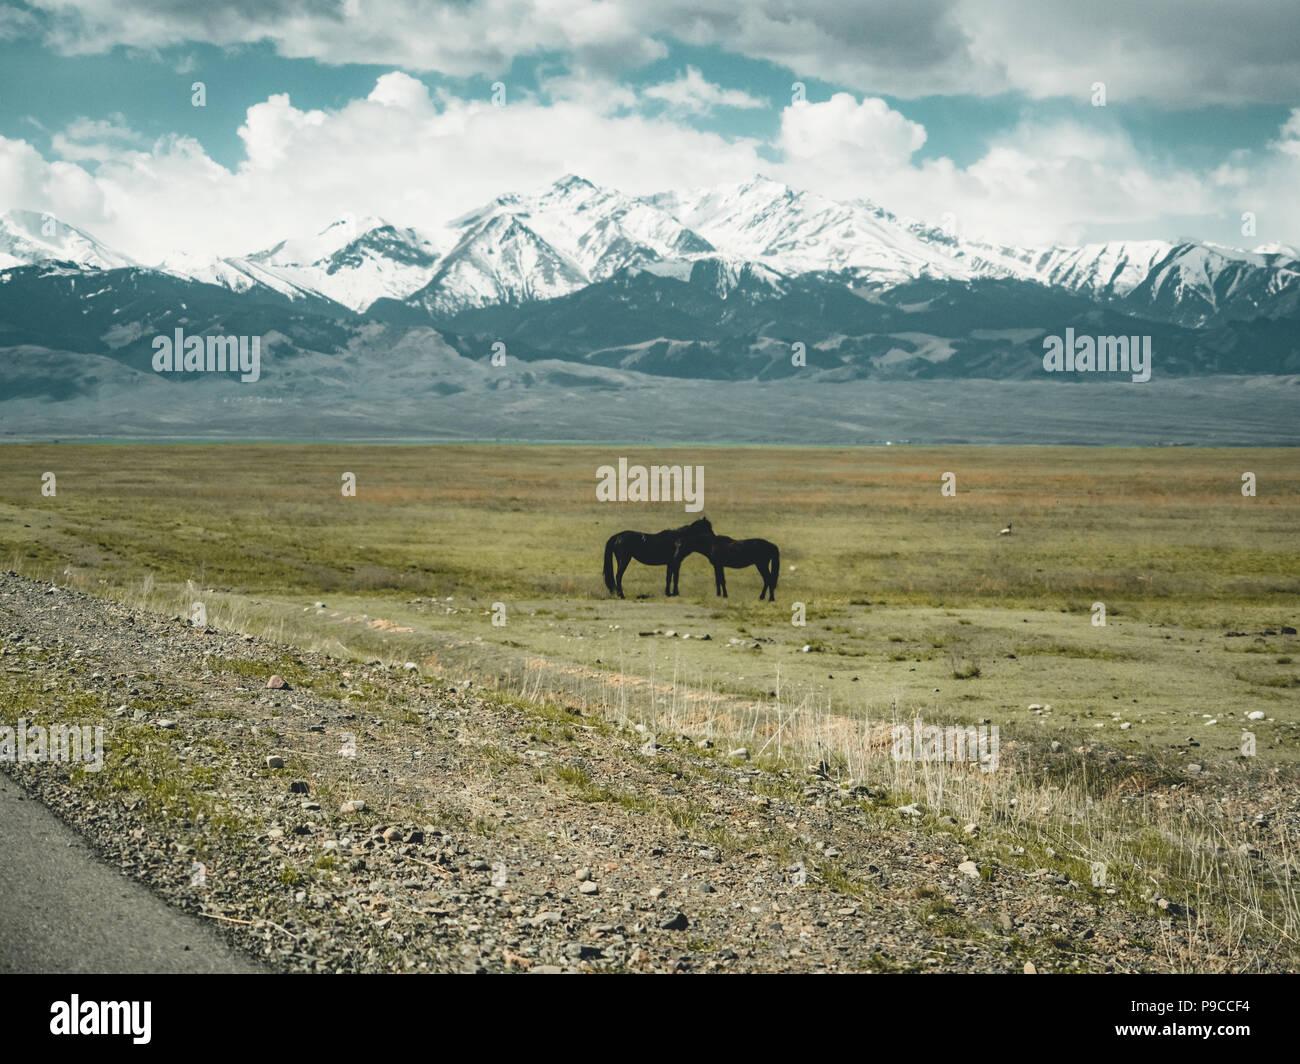 Pferde Straße in der Steppe mit Tian Shan Gebirge im Hintergrund, Kasachstan Zentralasien Stockbild